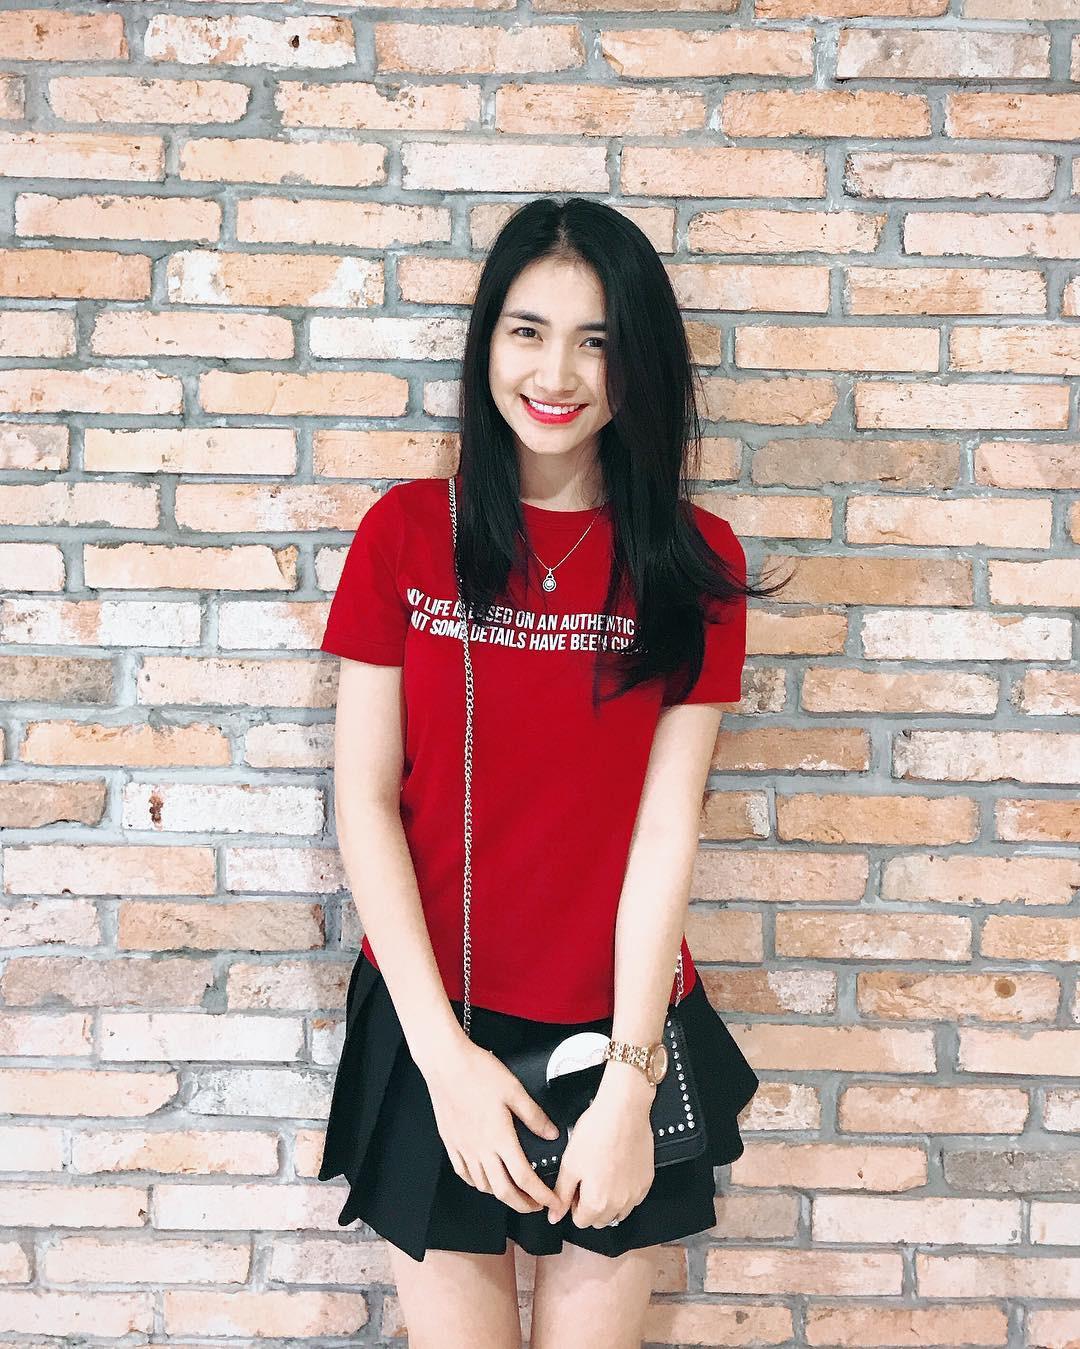 Đại chiến hoa dâm bụt: Hòa Minzy mặc áo phao đỏ, Đức Phúc liền ví chị giống chiếc xúc xích - Ảnh 3.